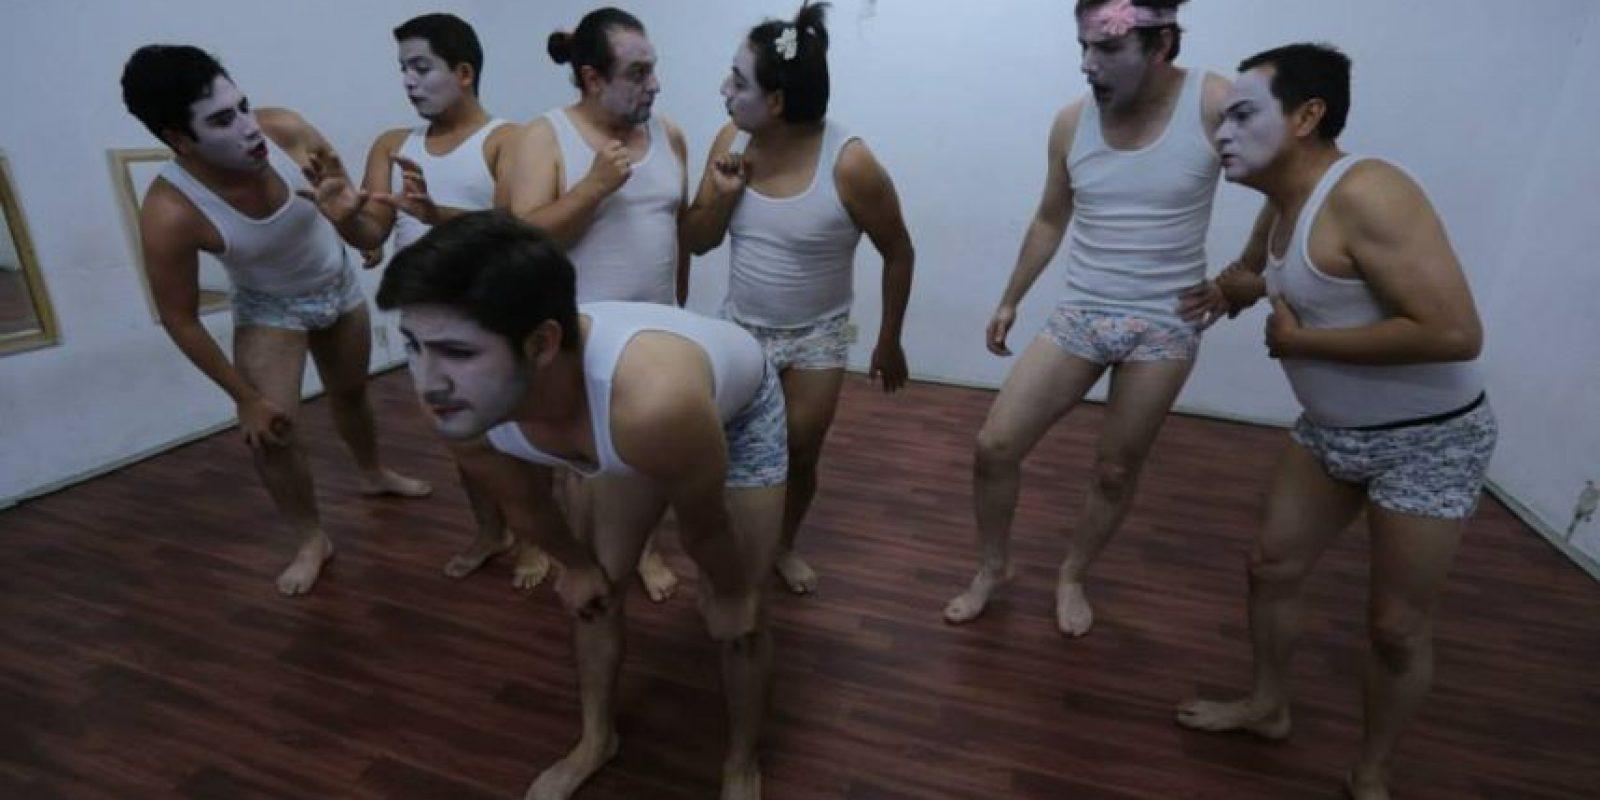 Foto:Cortesía Las preciosas ridículas